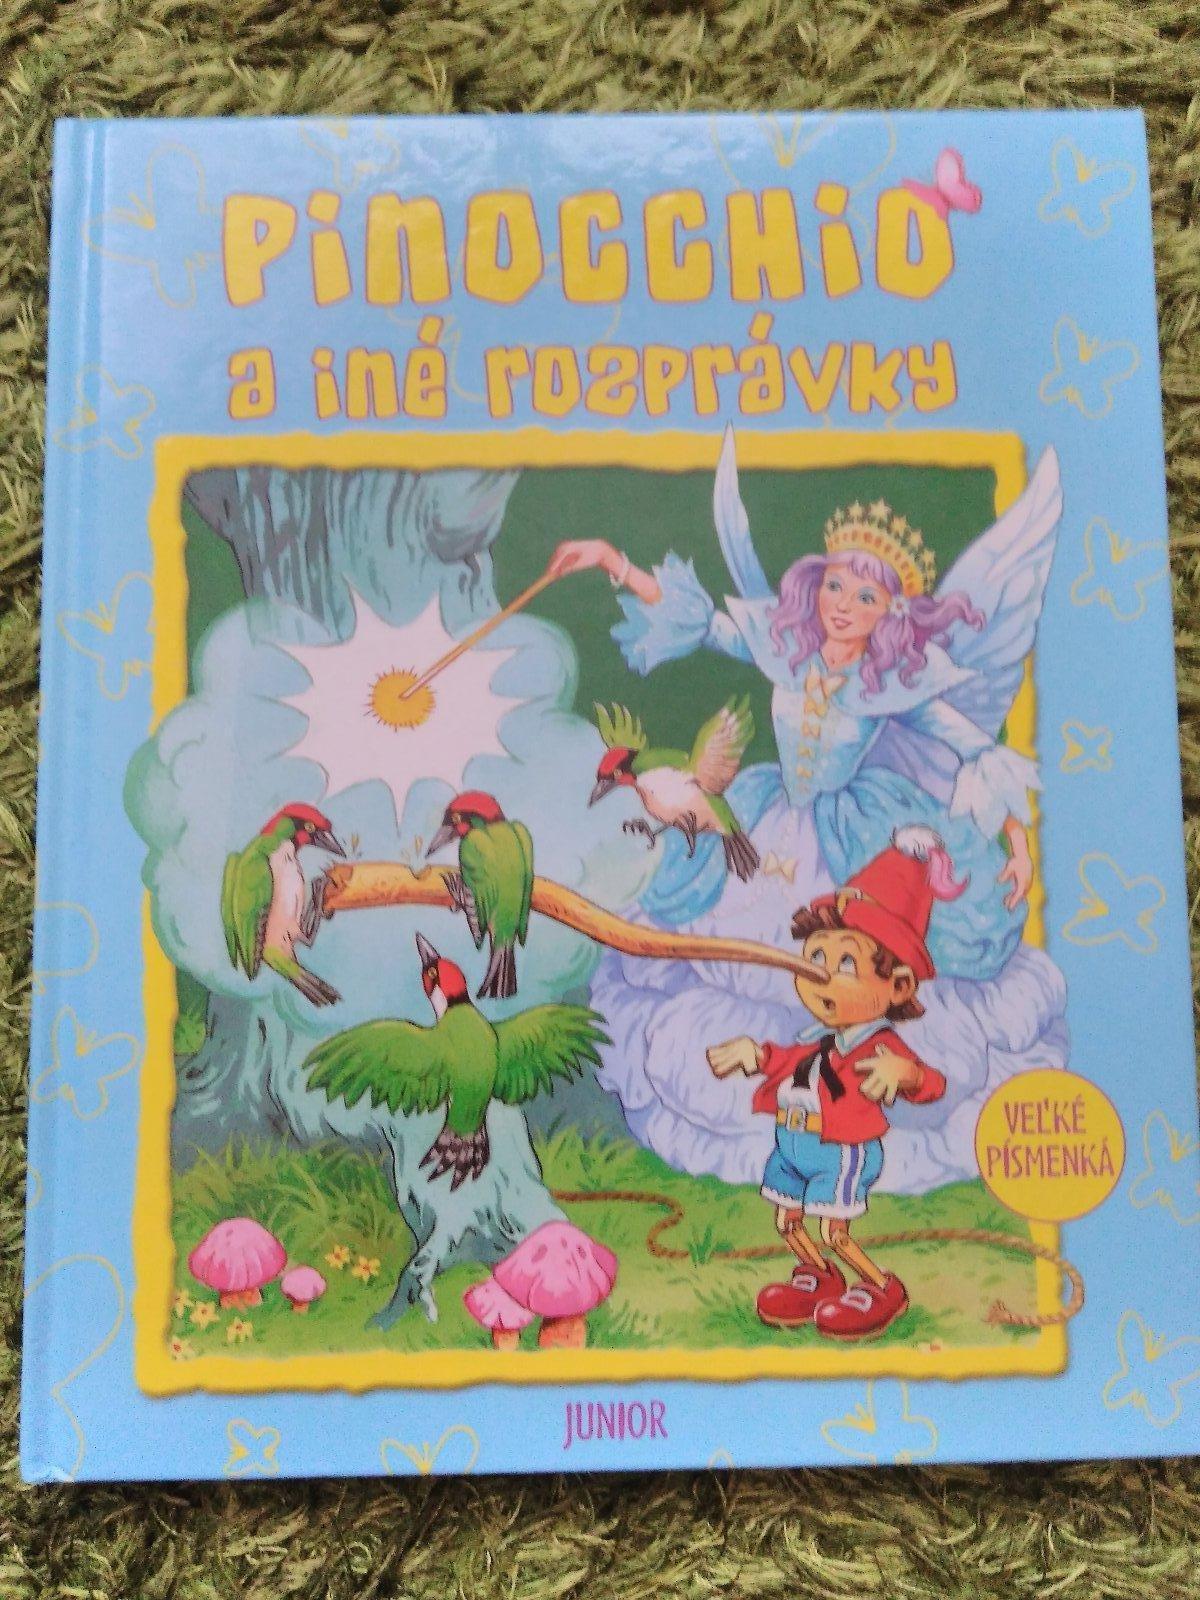 8ef6c03c46dc Detská kniha pinocchio a iné rozprávky